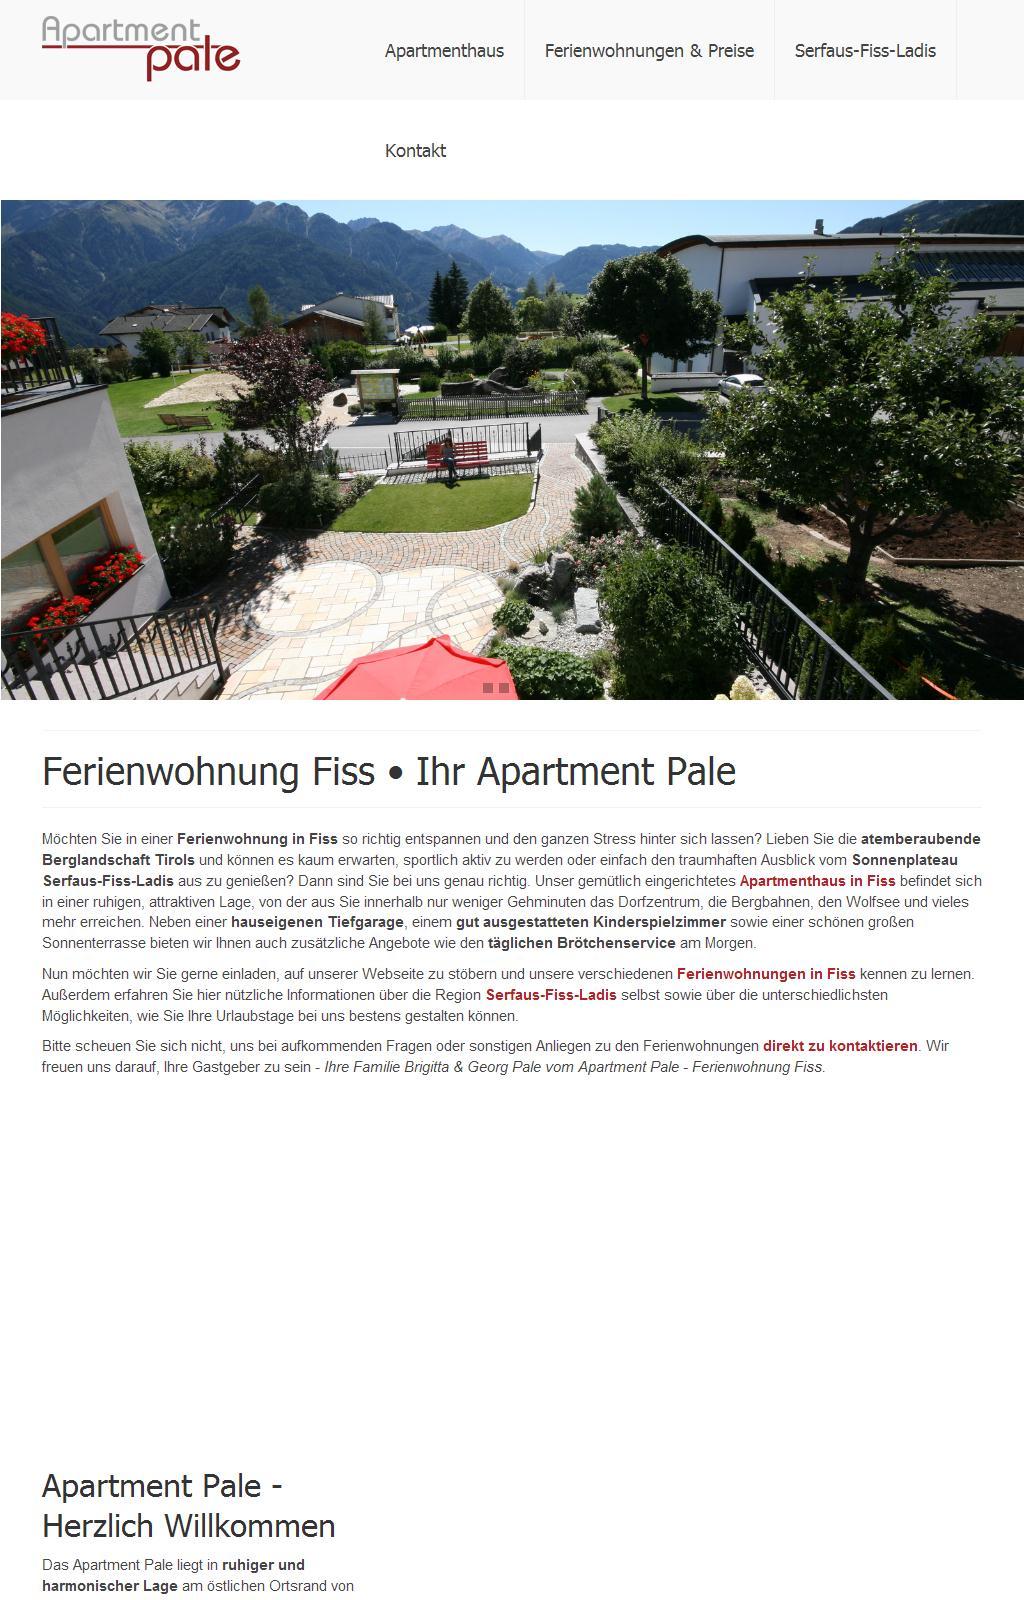 Ferienwohnungen in Fiss in Tirol - Apartment Pale (Serfaus-Fiss-Ladis) in Österreich